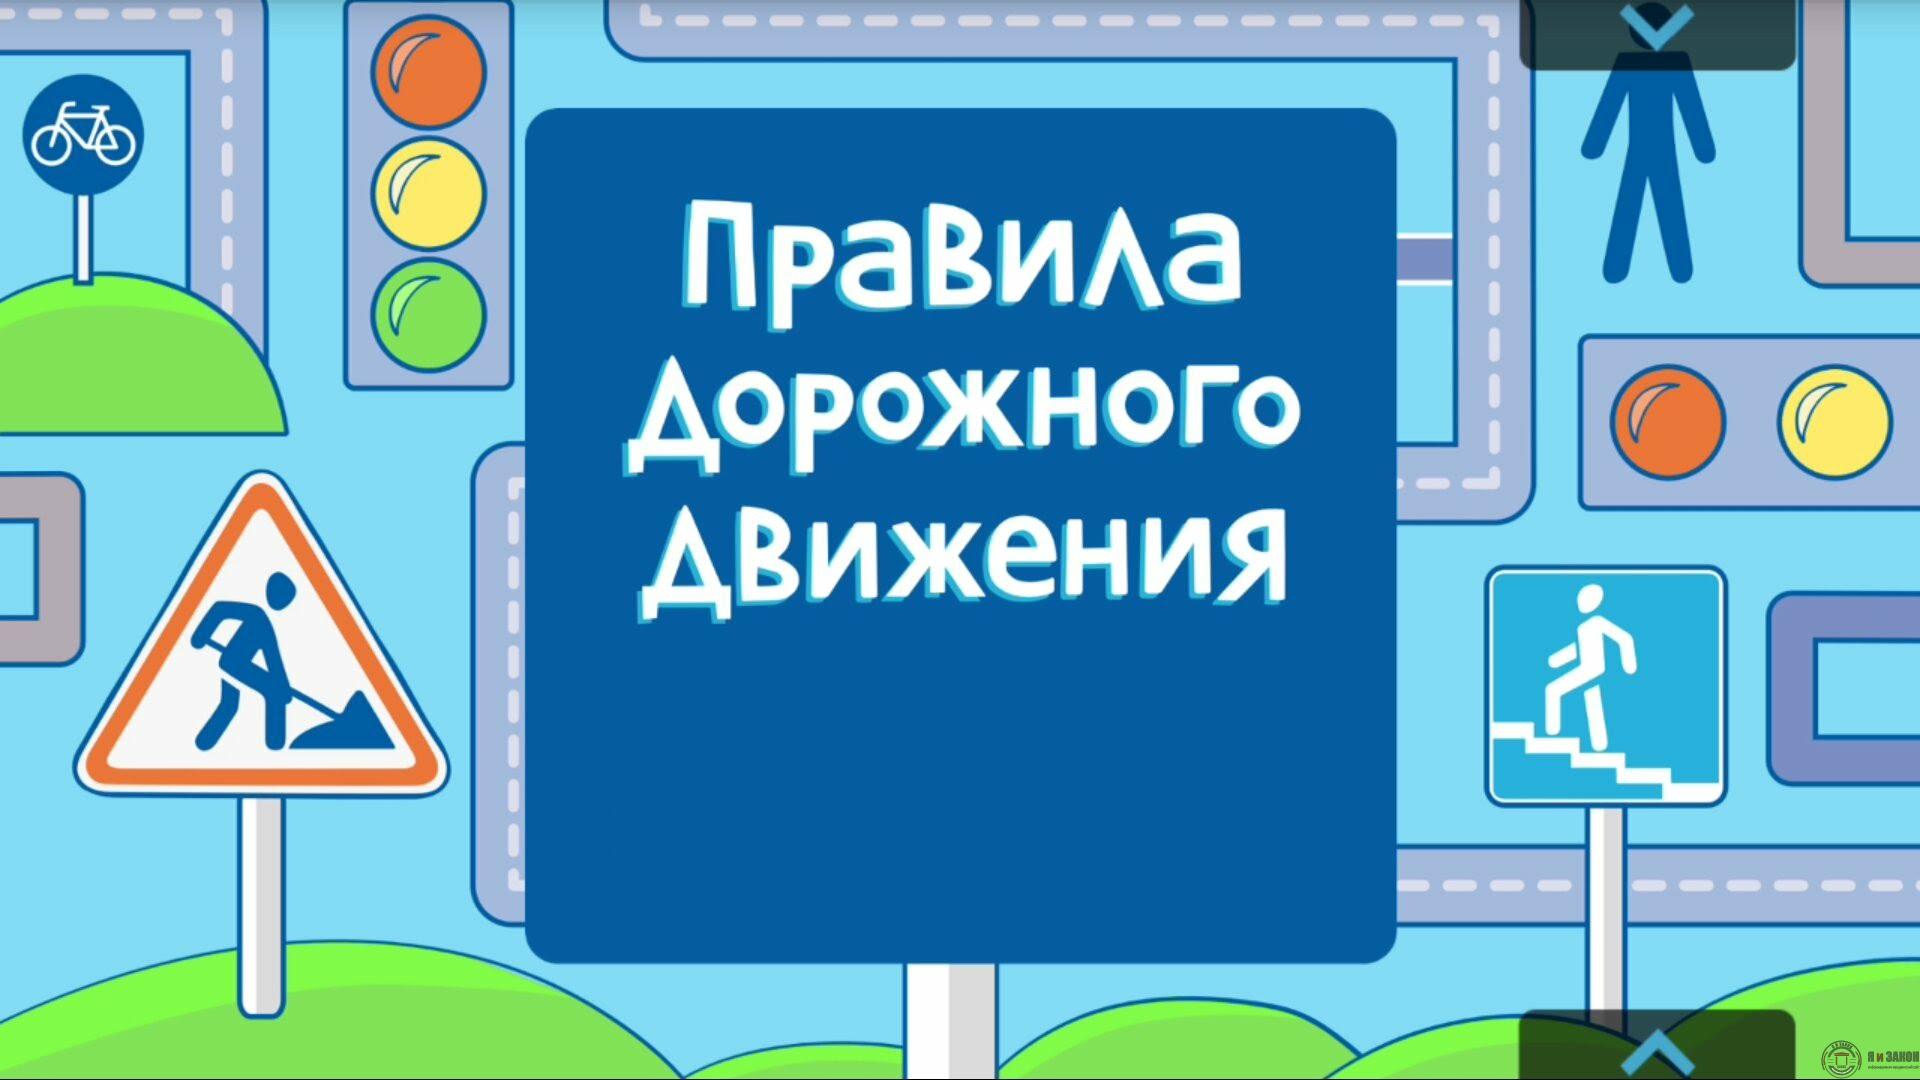 Картинки правила дорожного движения с надписями, марта